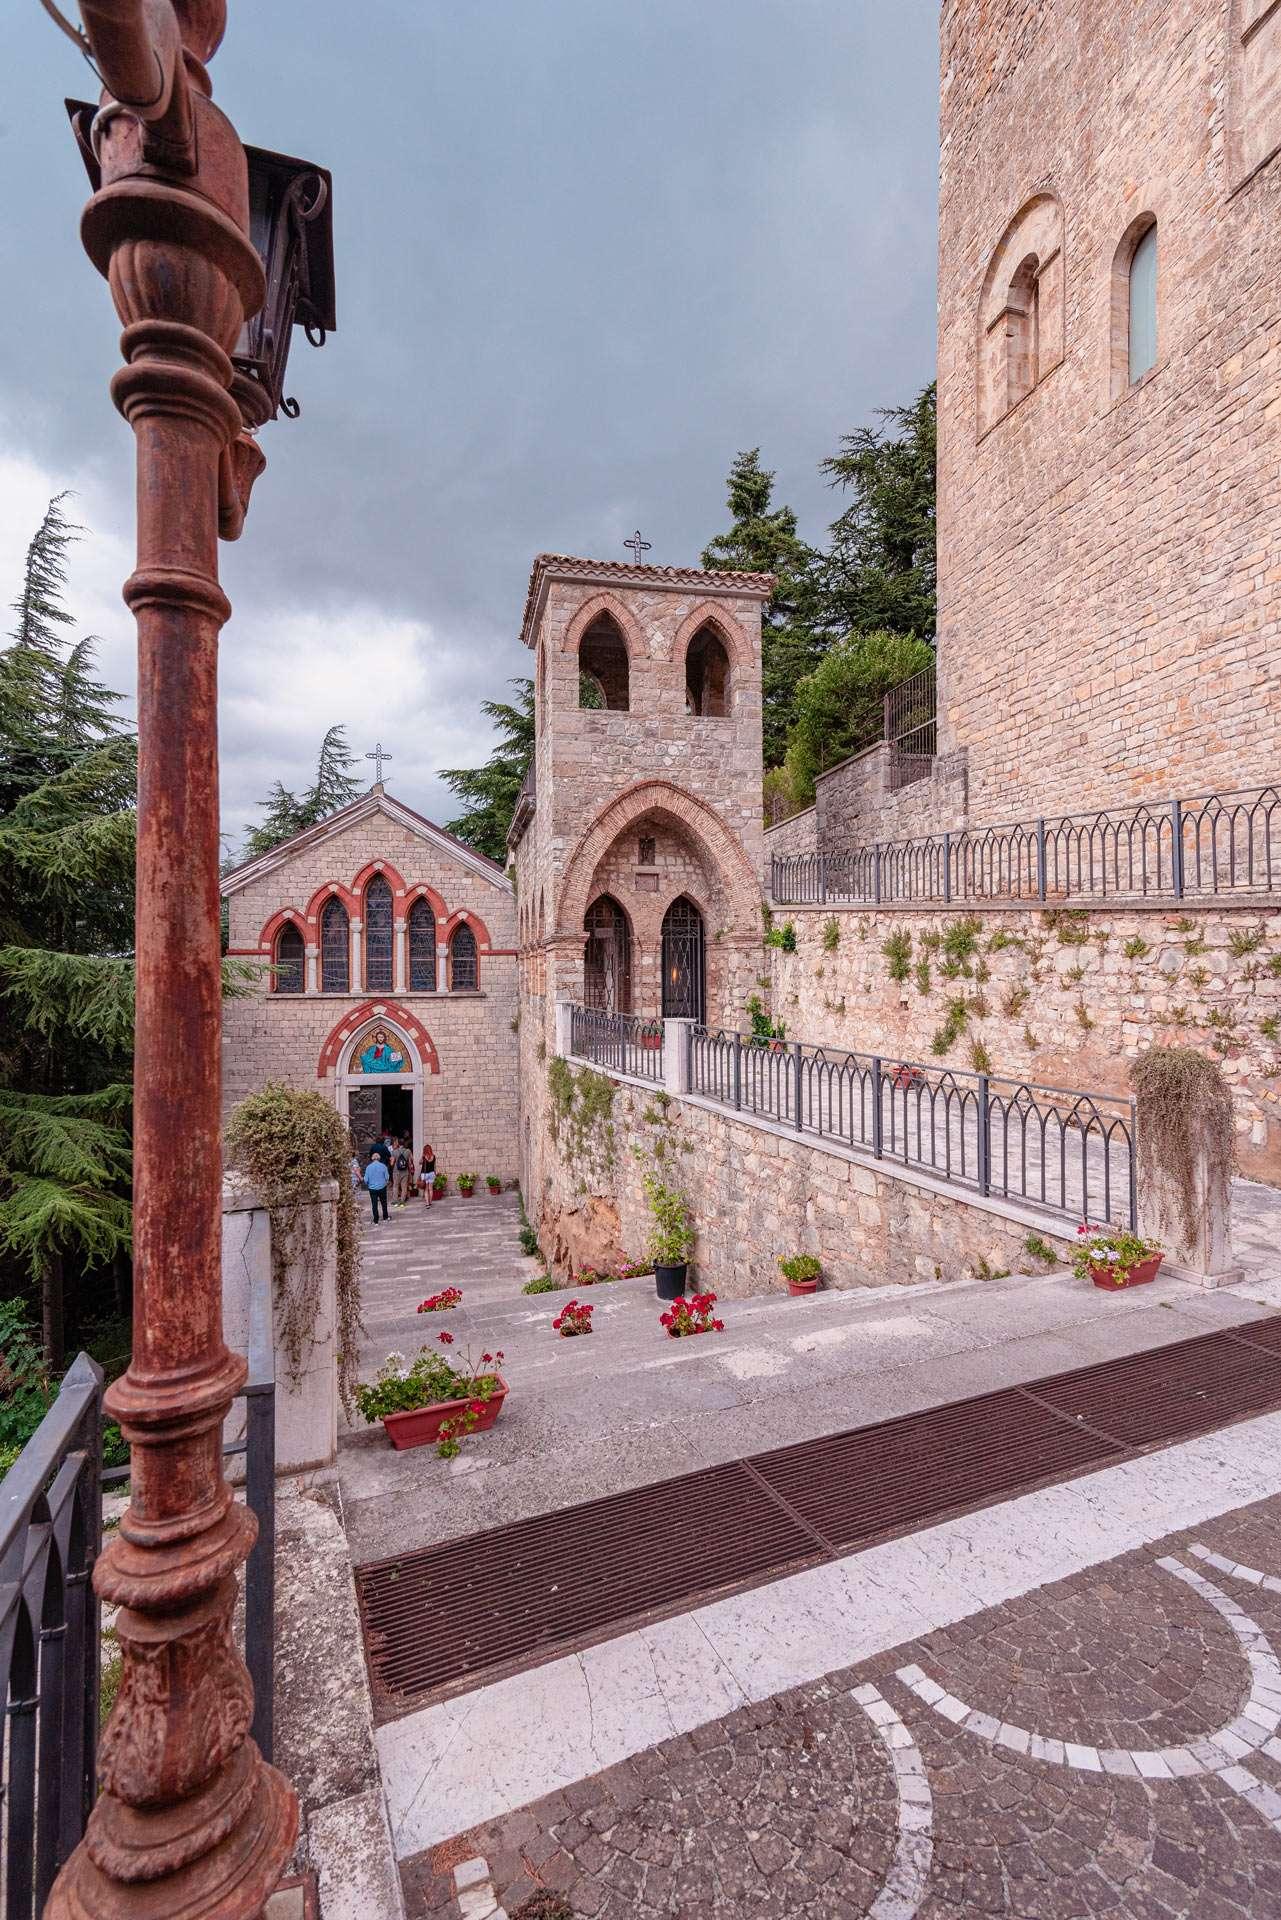 Panoramic view of San Michele curch in Orsara di Puglia